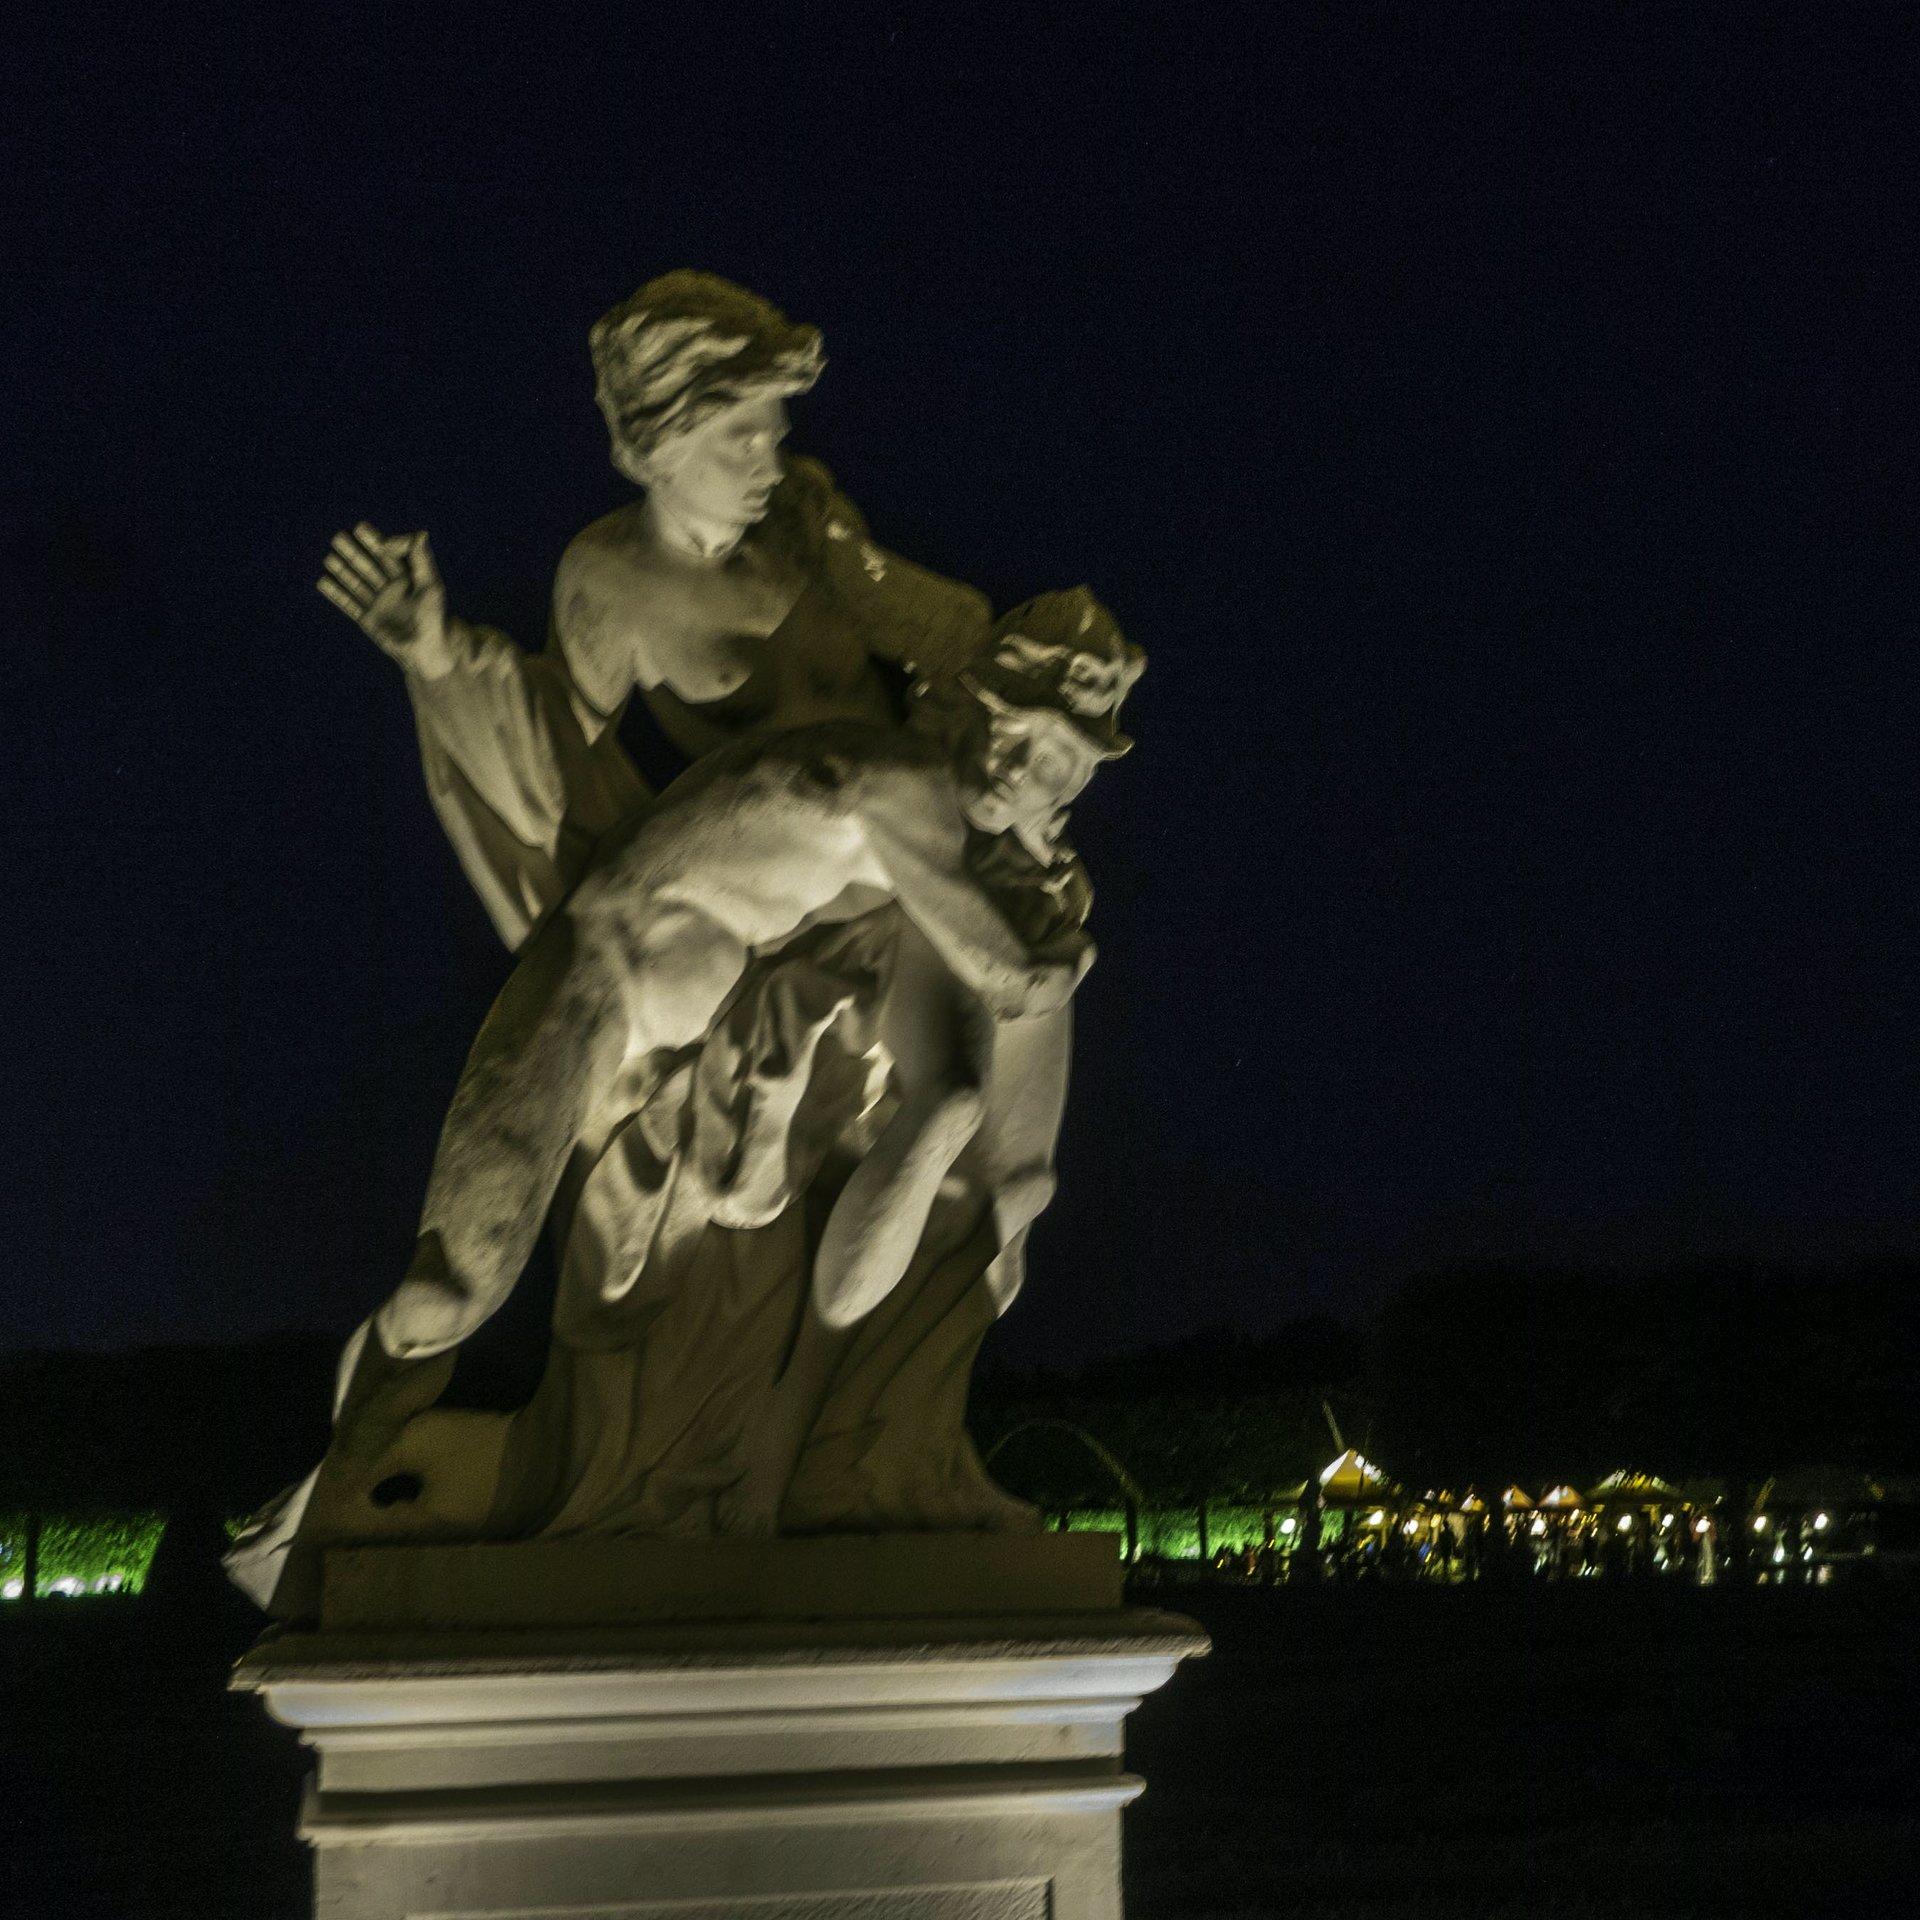 Merkur und Psyche im Parterre des Großen Gartens